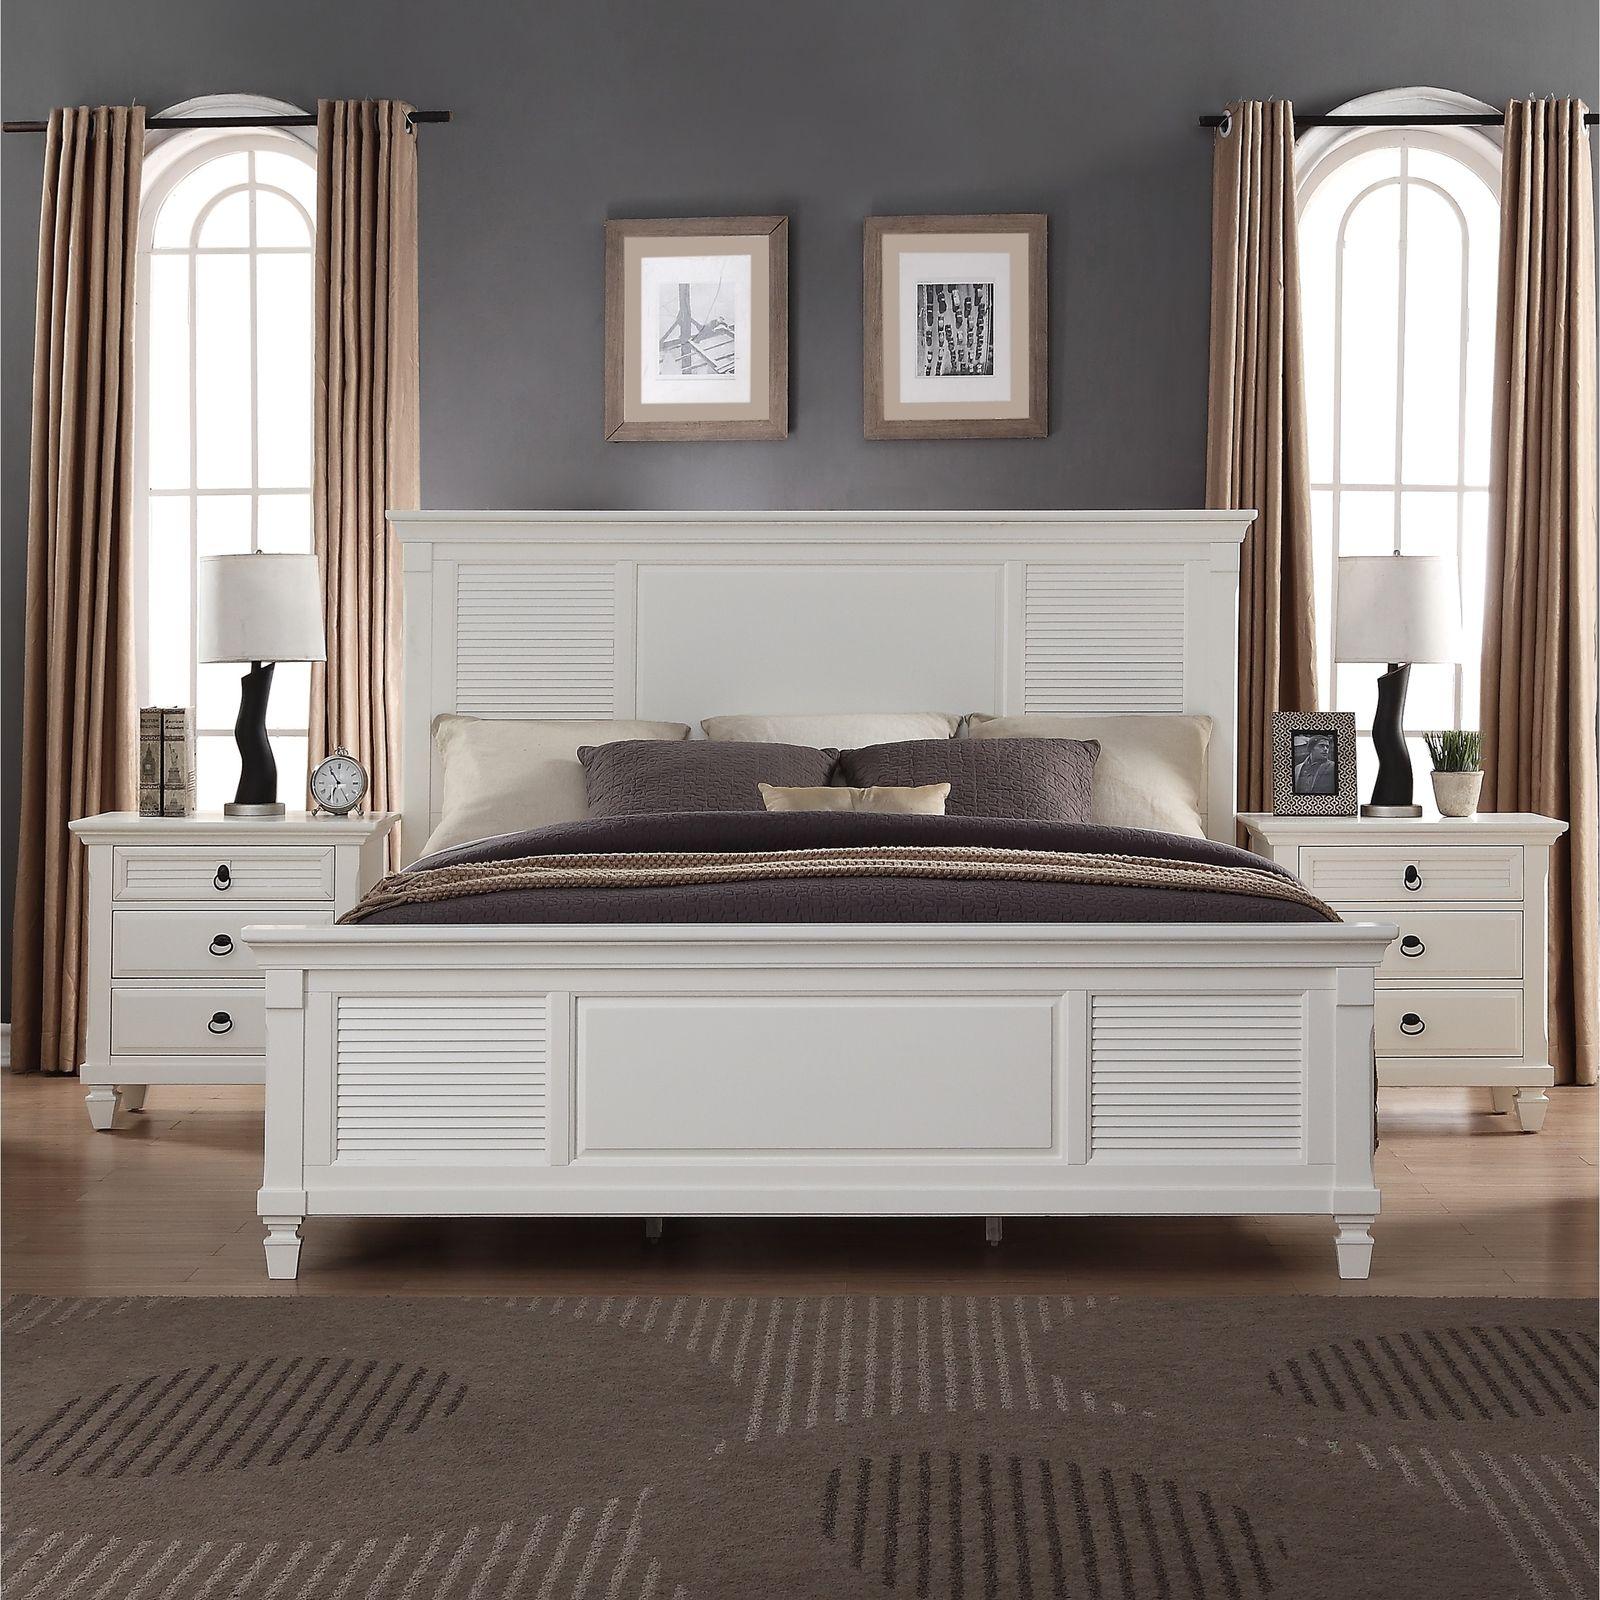 Кровать изголовьем к стене в спальне